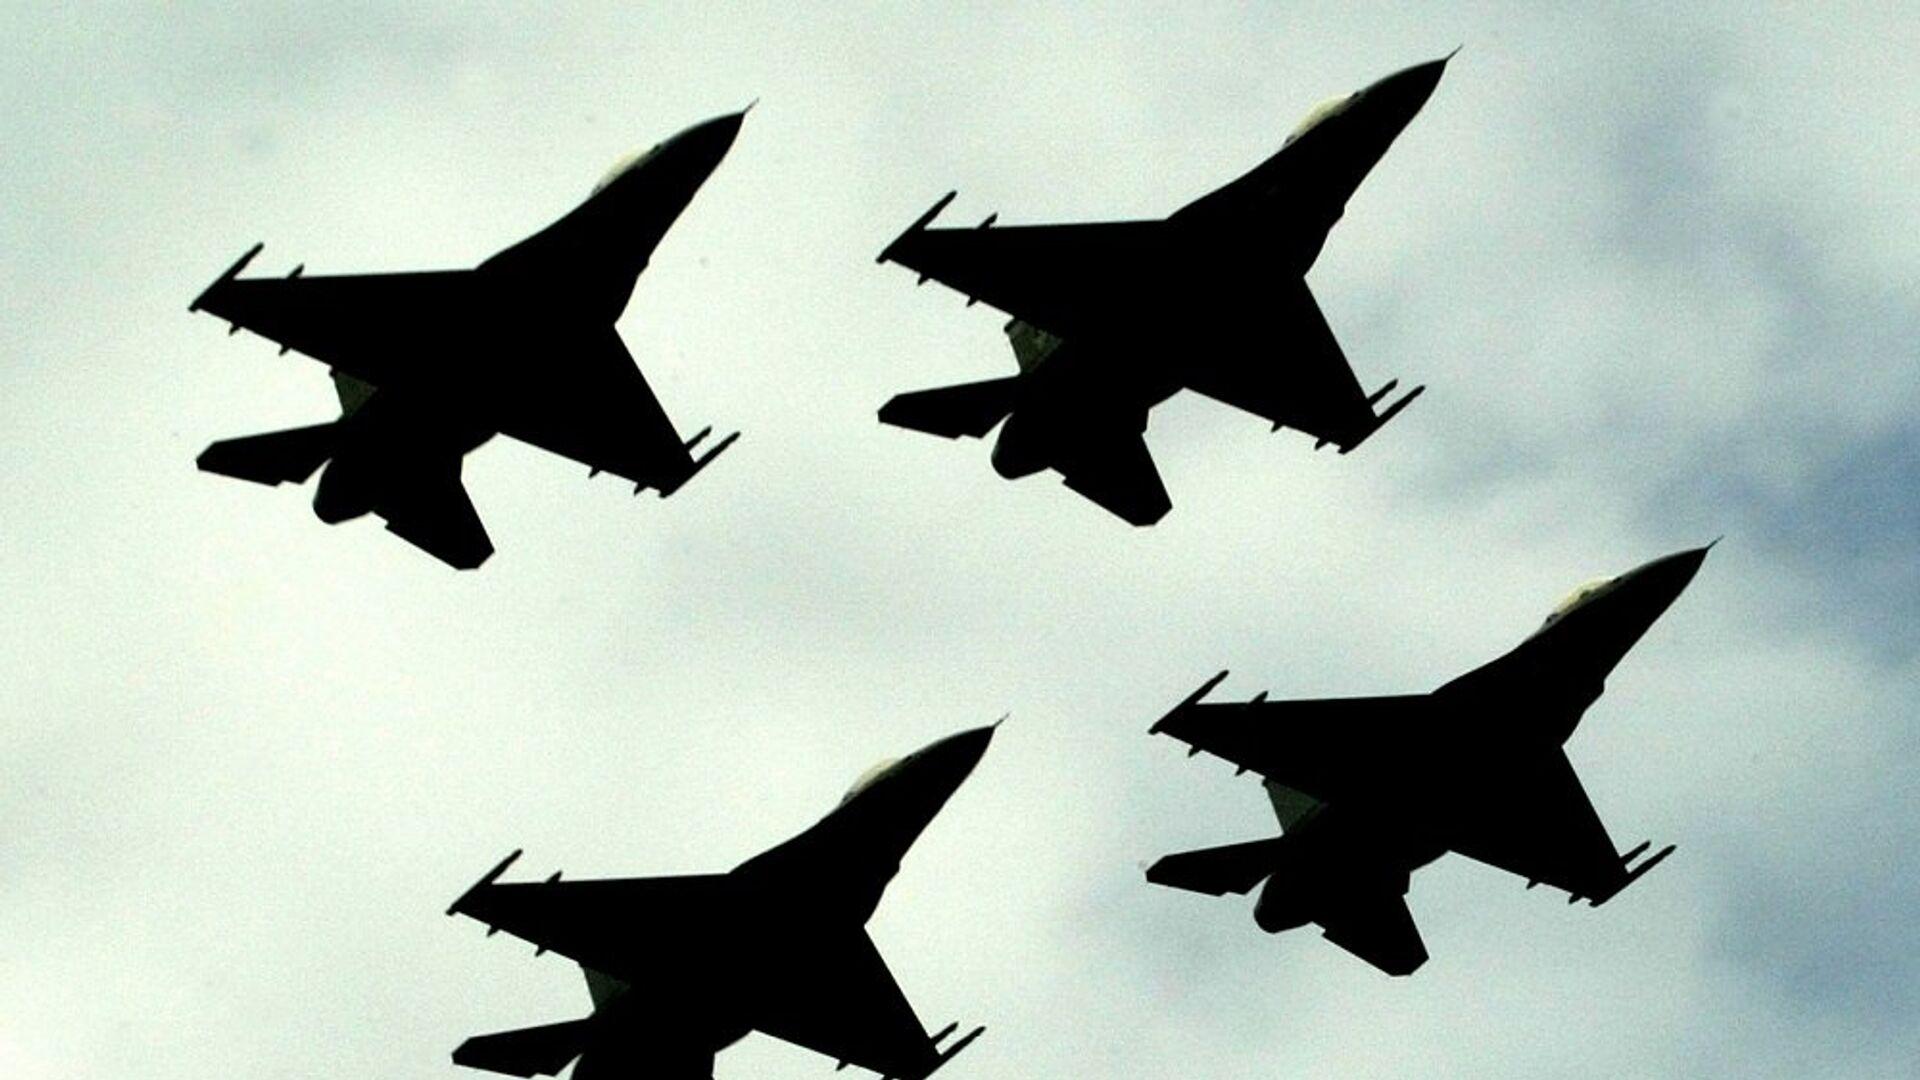 Μαχητικά F-16 της πολεμικής αεροπορίας του Πακιστάν πετούν σε σχηματισμό - Sputnik Ελλάδα, 1920, 08.10.2021